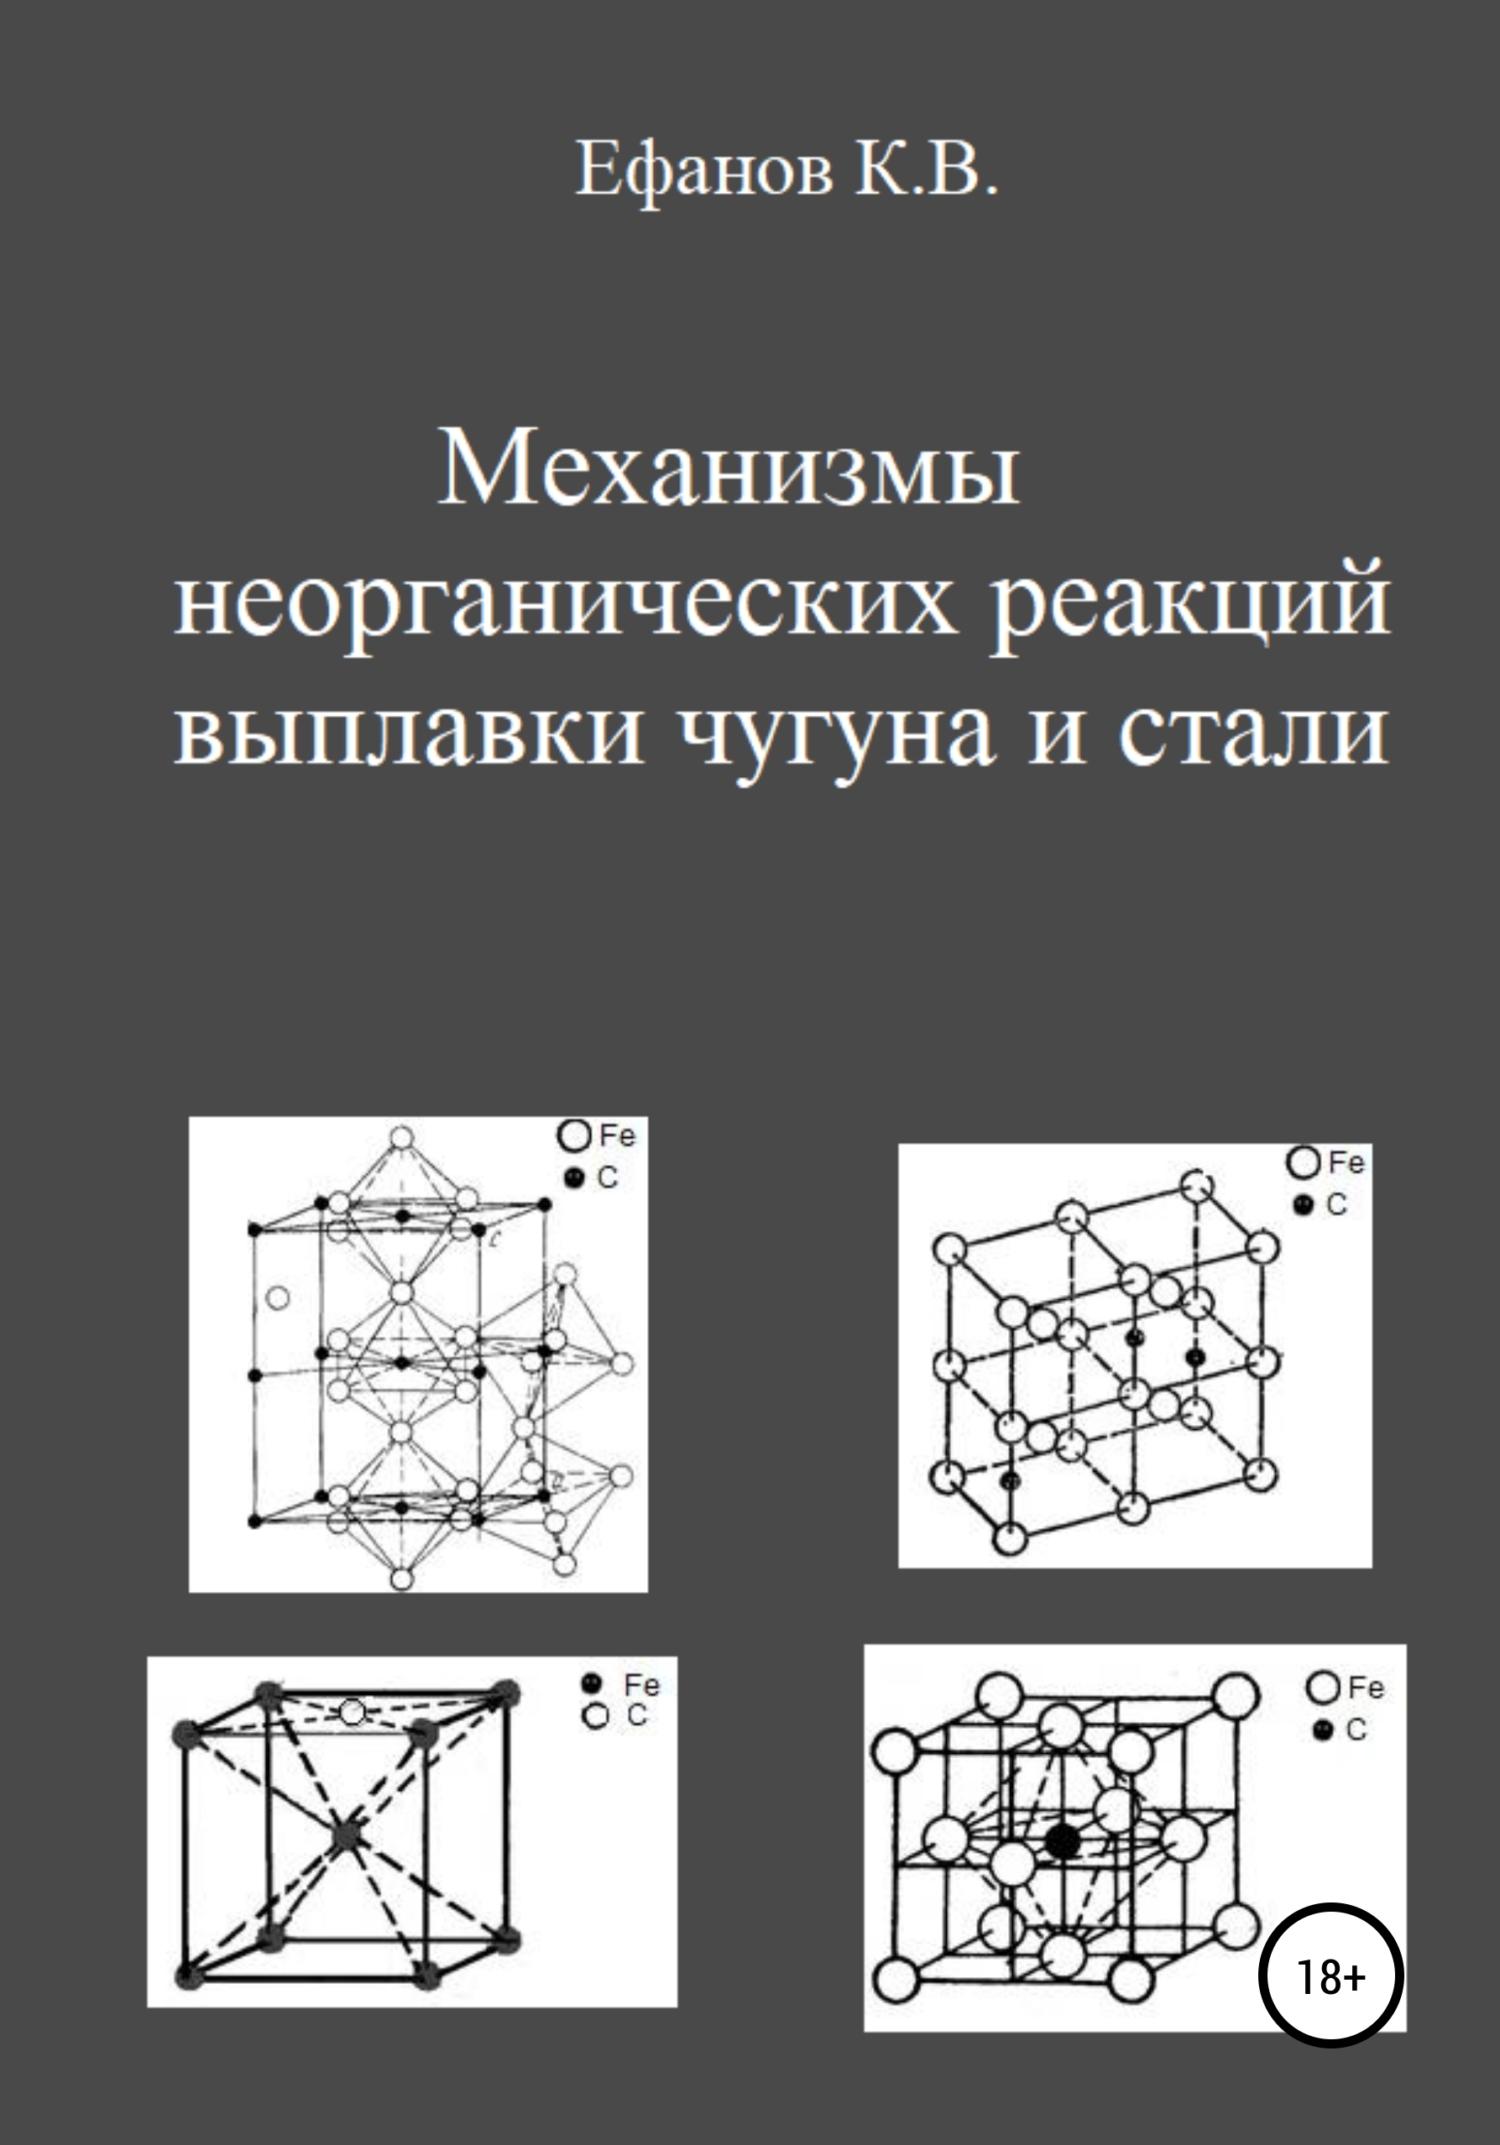 Купить книгу Механизмы неорганических реакций выплавки чугуна и стали, автора Константина Владимировича Ефанова